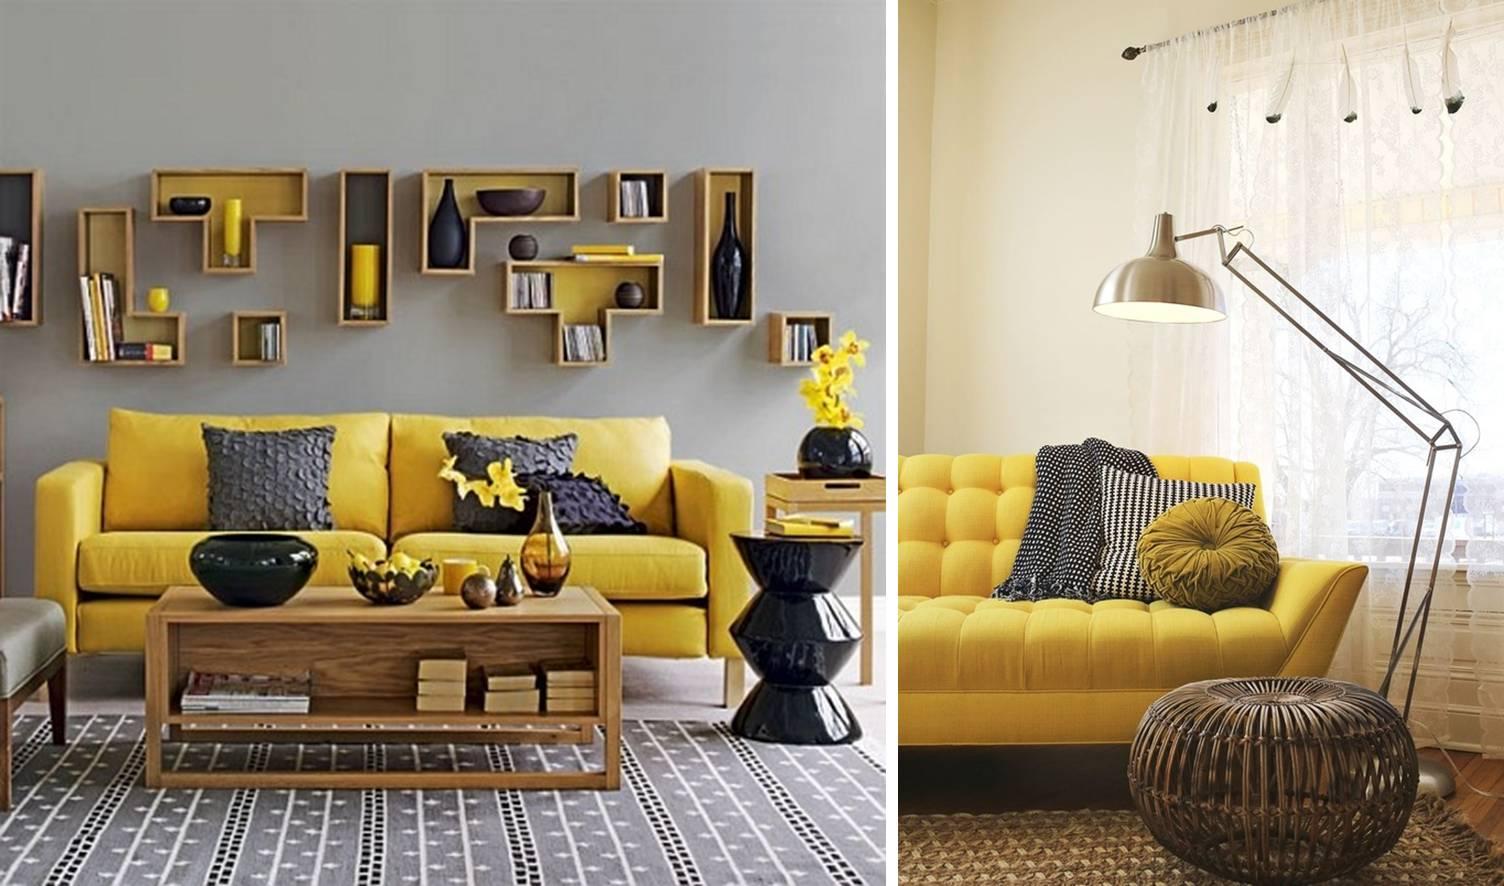 Zeta concept arredare con verde blu o giallo tanti suggerimenti e idee per abbinarli - Camera da letto gialla ...